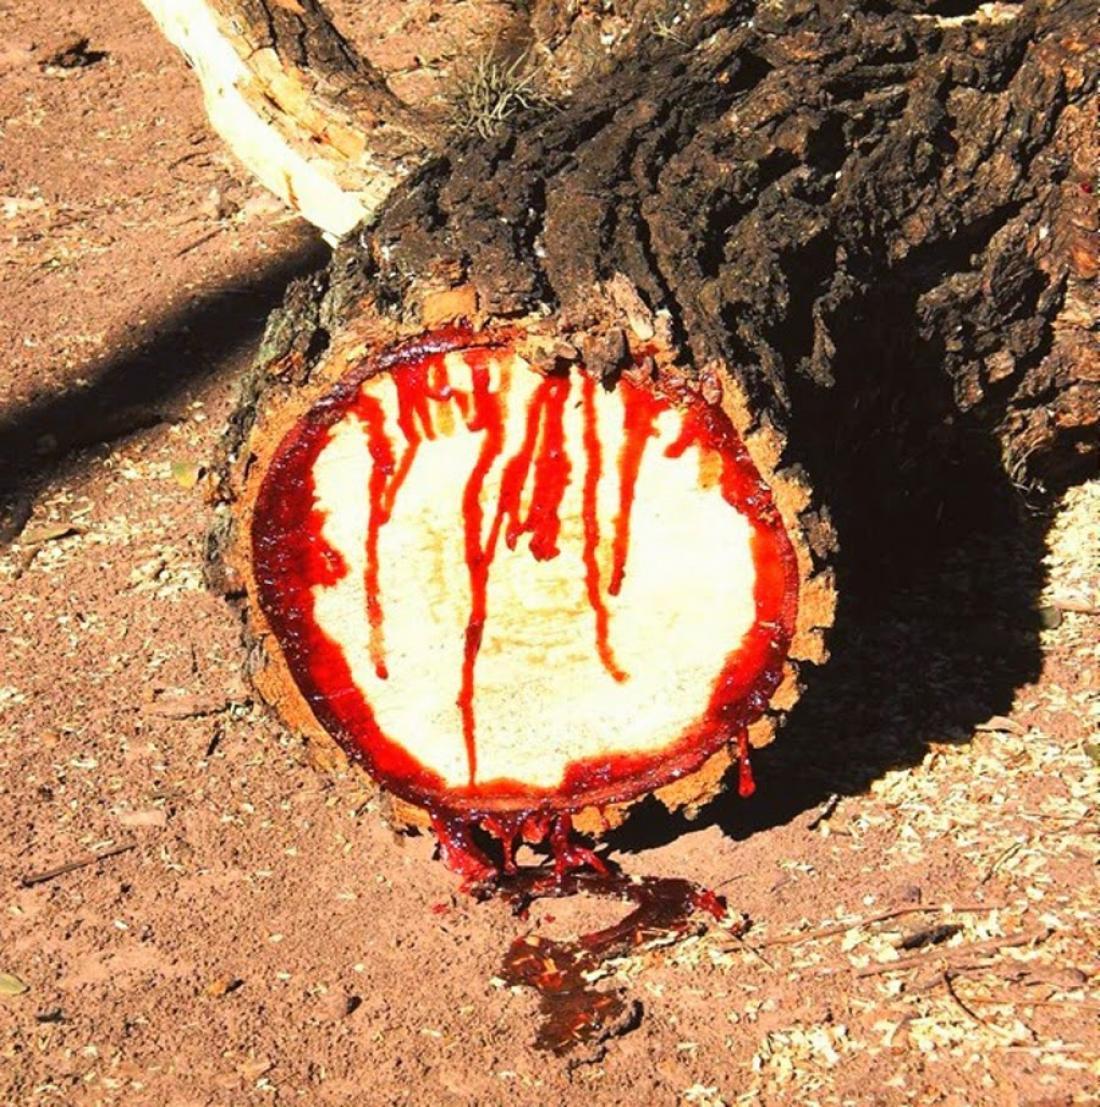 Το θαύμα στην Θεσσαλία με το ματωμένο δέντρο του Αγ. Νικολάου (ΦΩΤΟ-ΒΙΝΤΕΟ)  | ΕΛΛΑΔΑ | thepressroom.gr